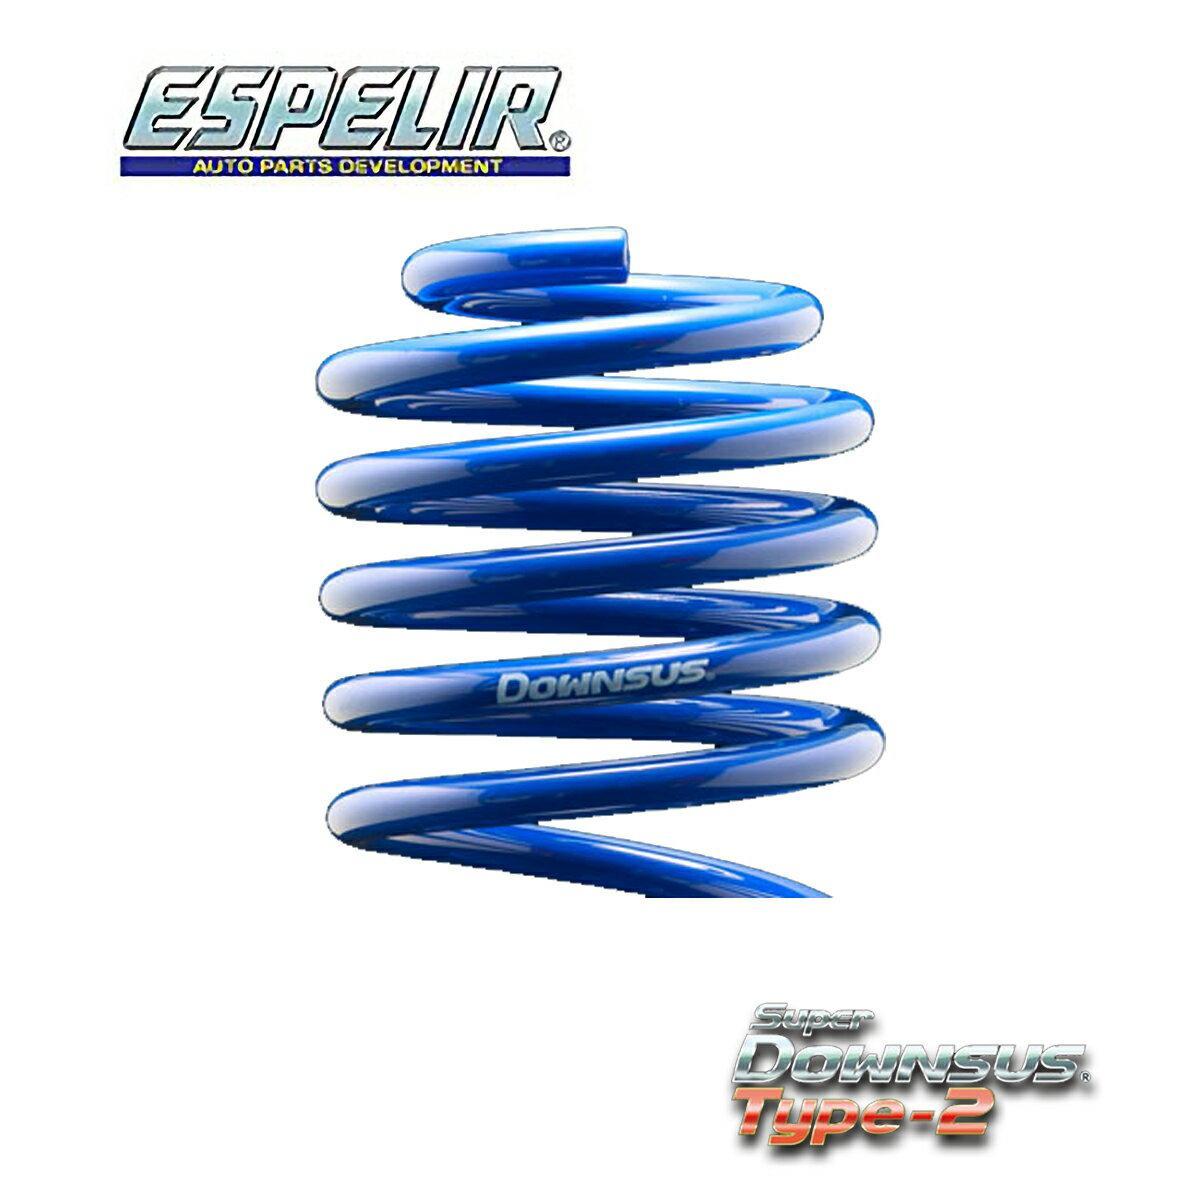 エスペリア セレナ HC26 S-ハイブリッド/ブラックライン スプリング ダウンサス セット 1台分 ESN-3630 スーパーダウンサス タイプ2 Super DOWNSUS Type2 ESPELIR